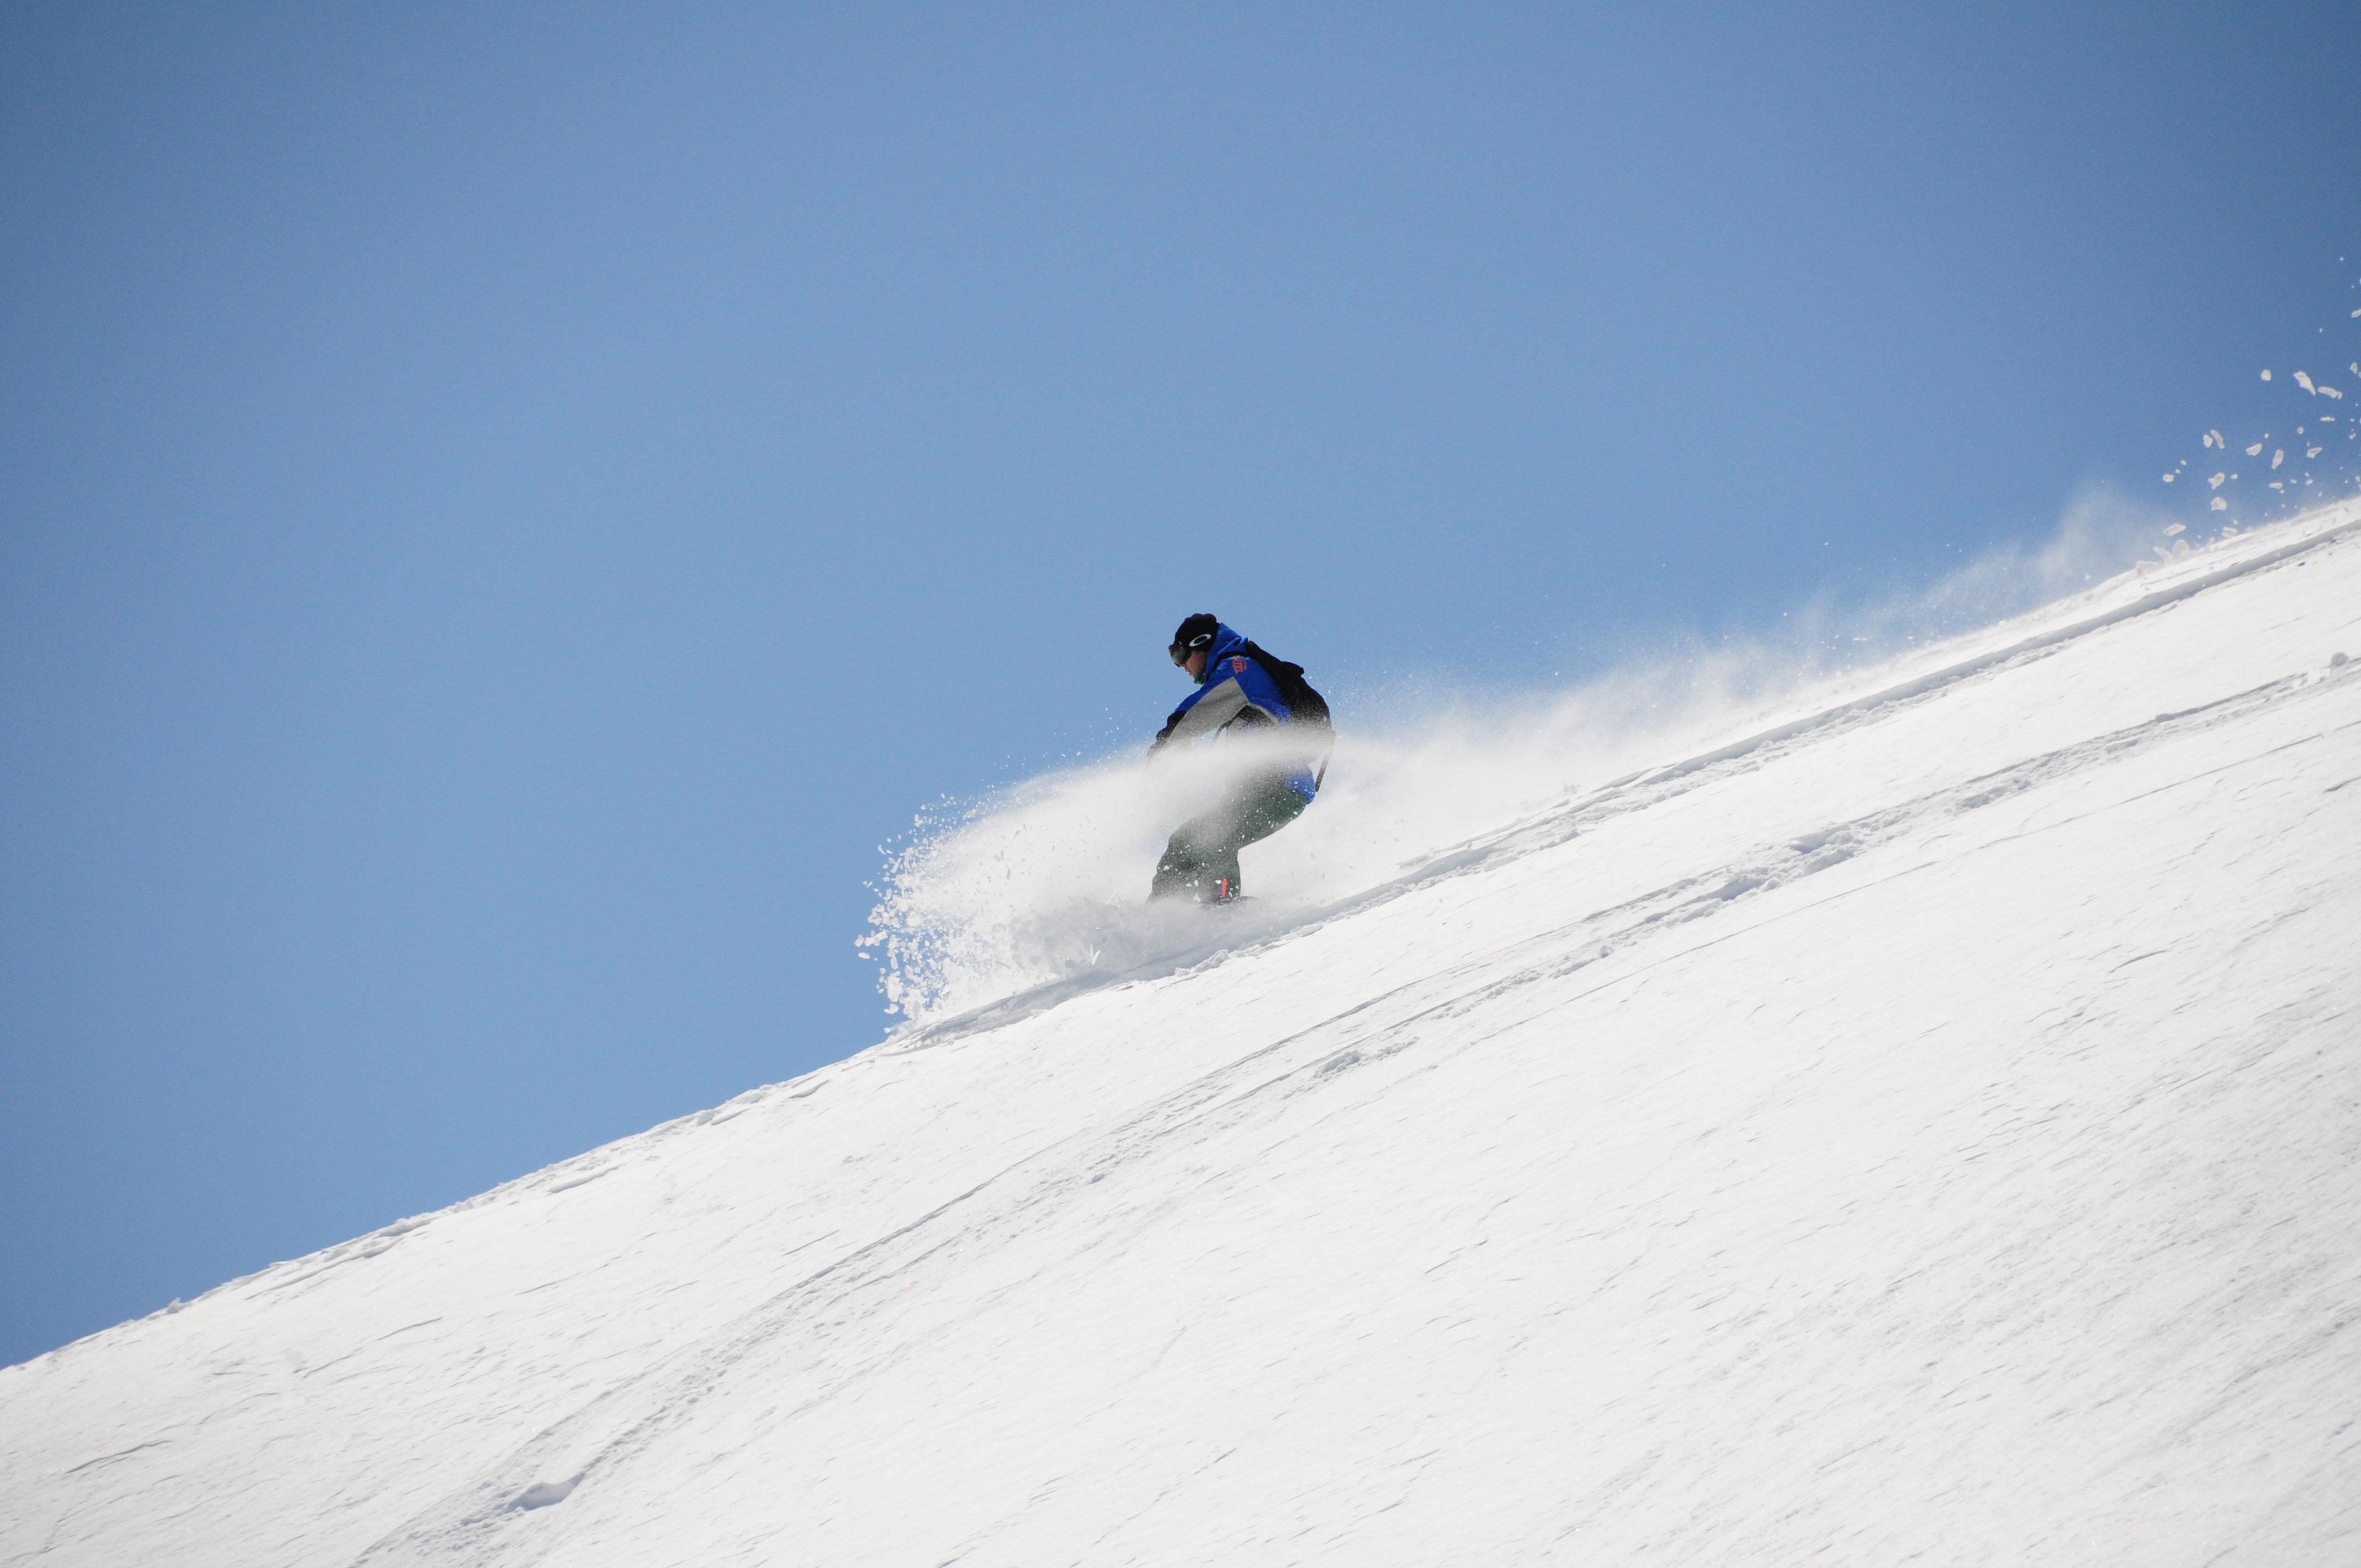 山に降雪があればこの時期ゲレンデでは味わえない極上パウダーを味わえる